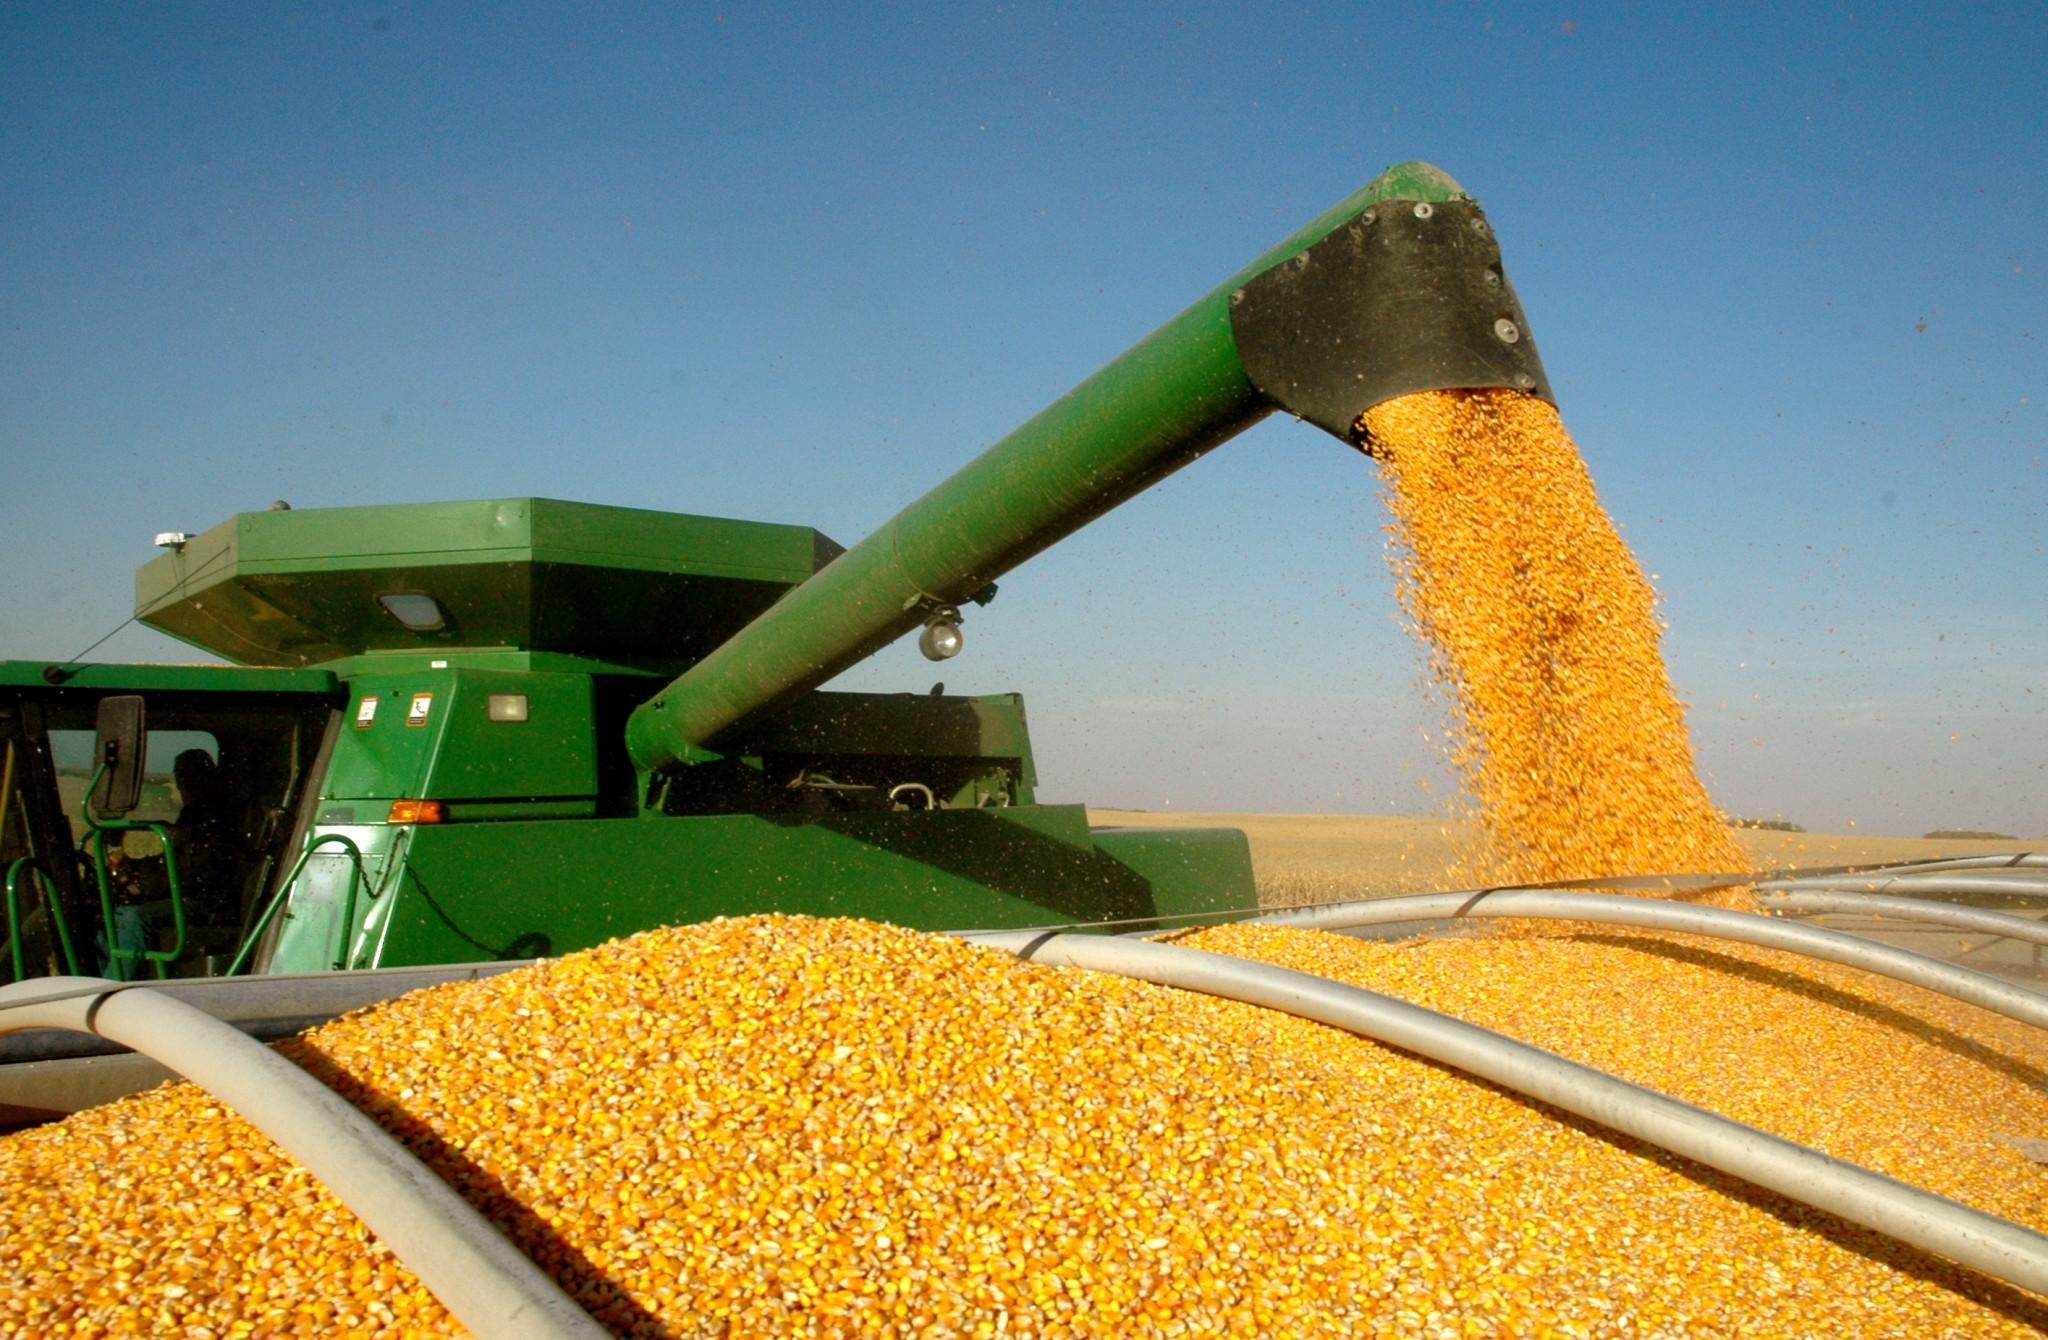 Productores de granos se reúnen en Argentina